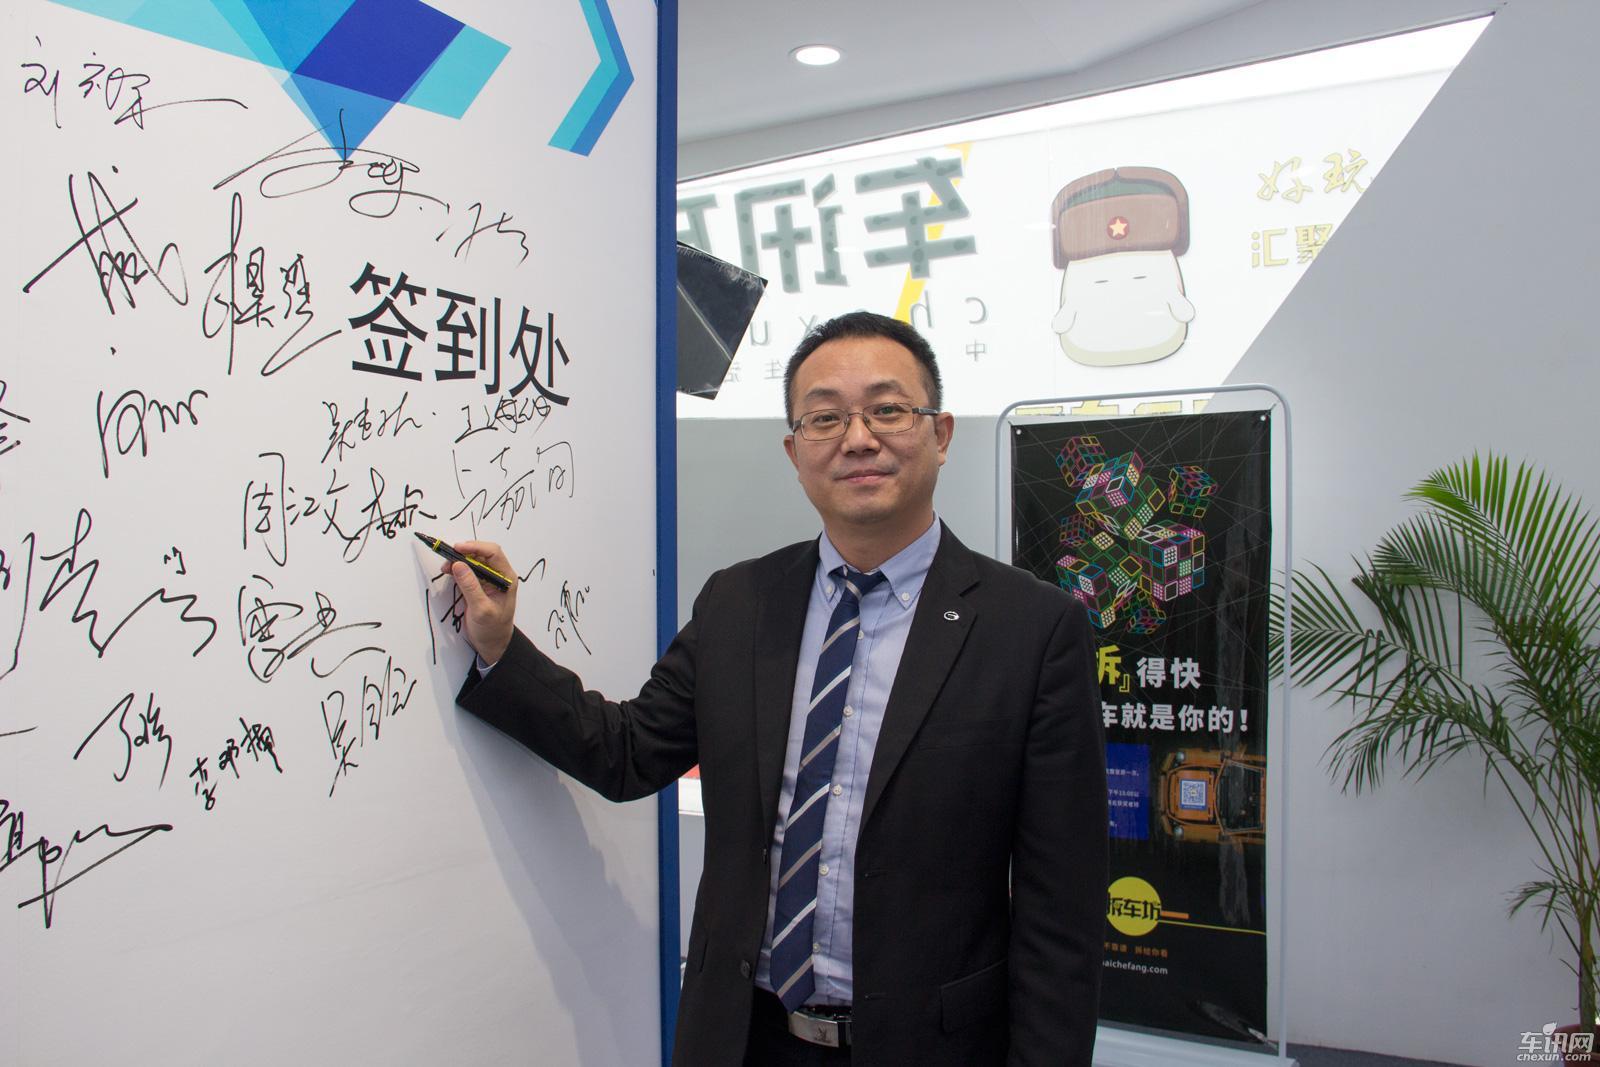 专访广汽传祺溢景店总经理李欣先生